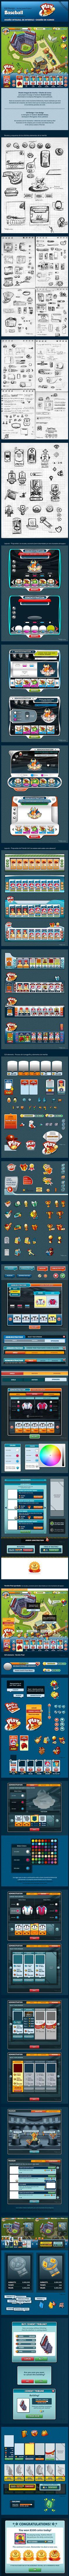 Baseball-Social-Game---GUI-Design-on-Behance